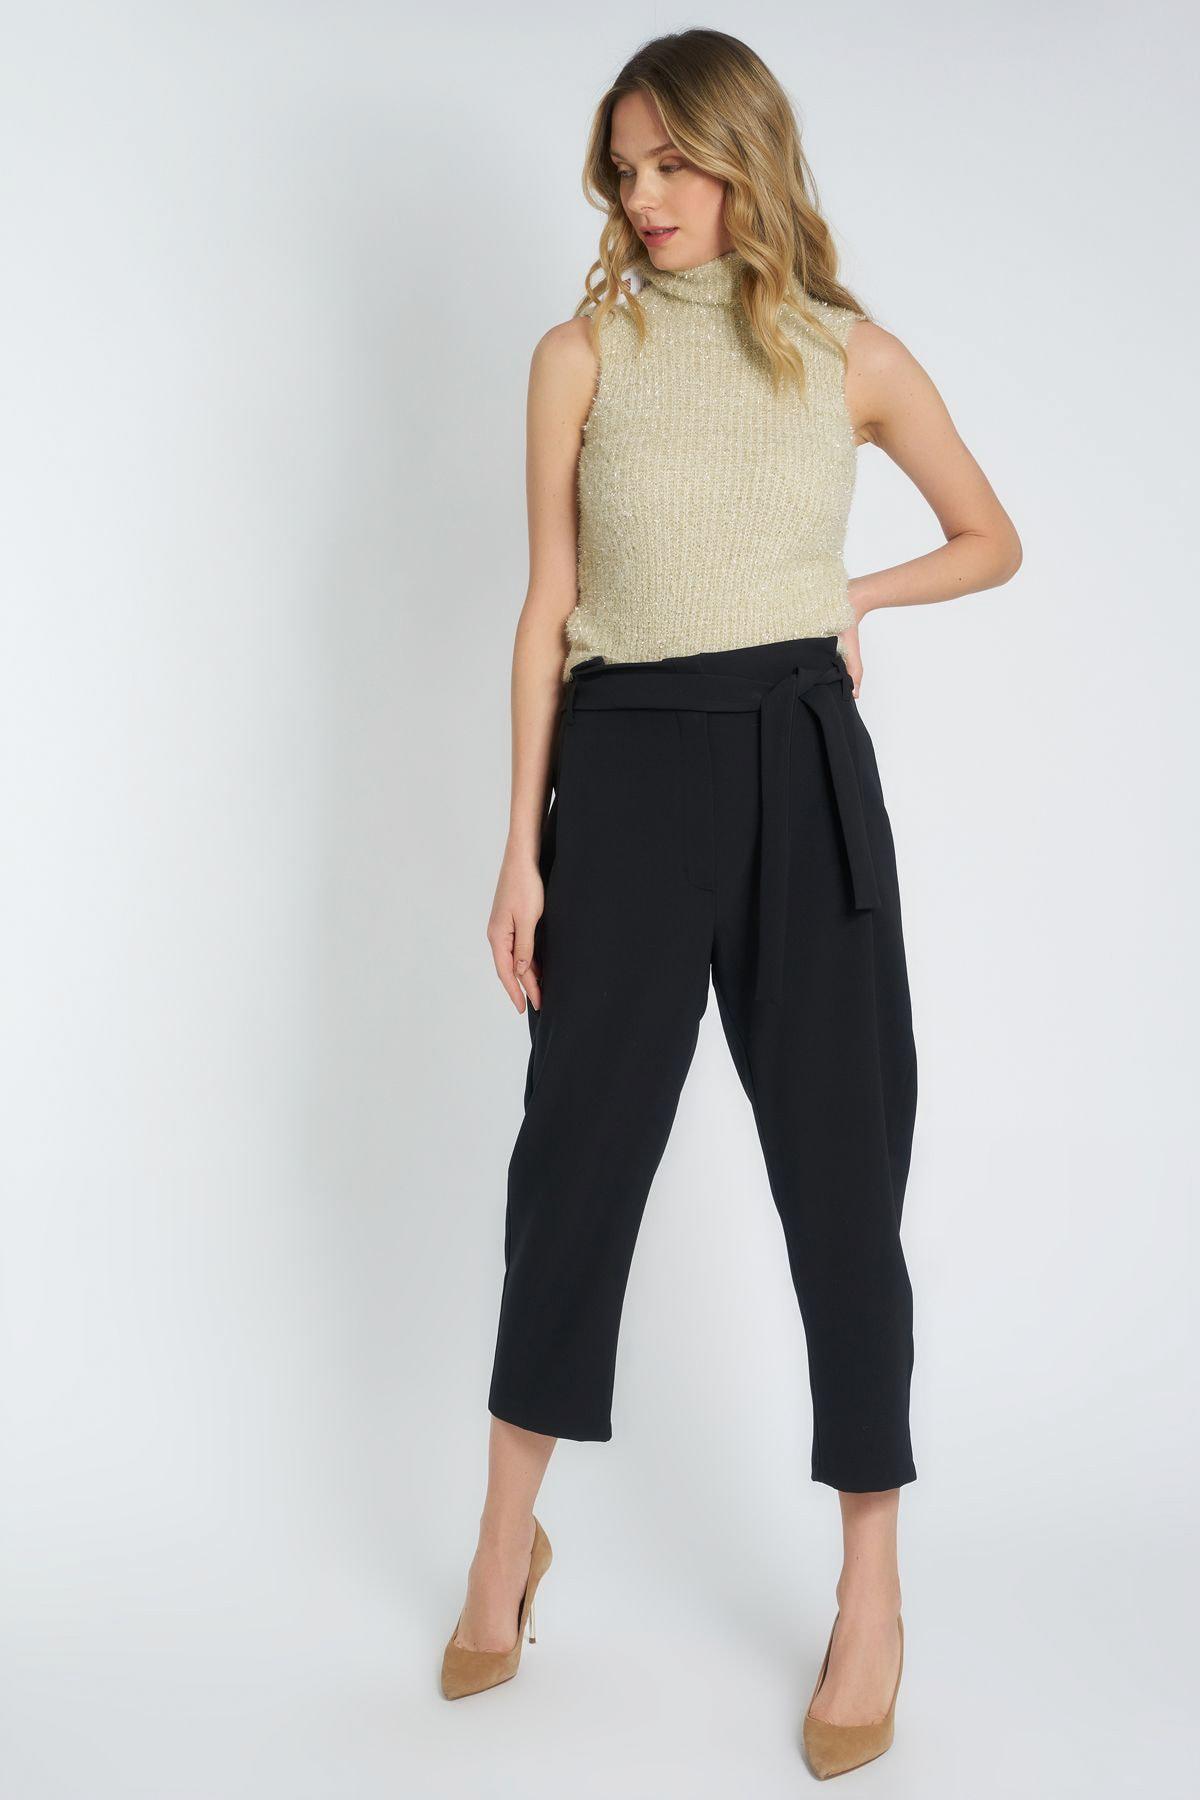 HomeStore Kadın Sıyah Pantolon 19630002062 2